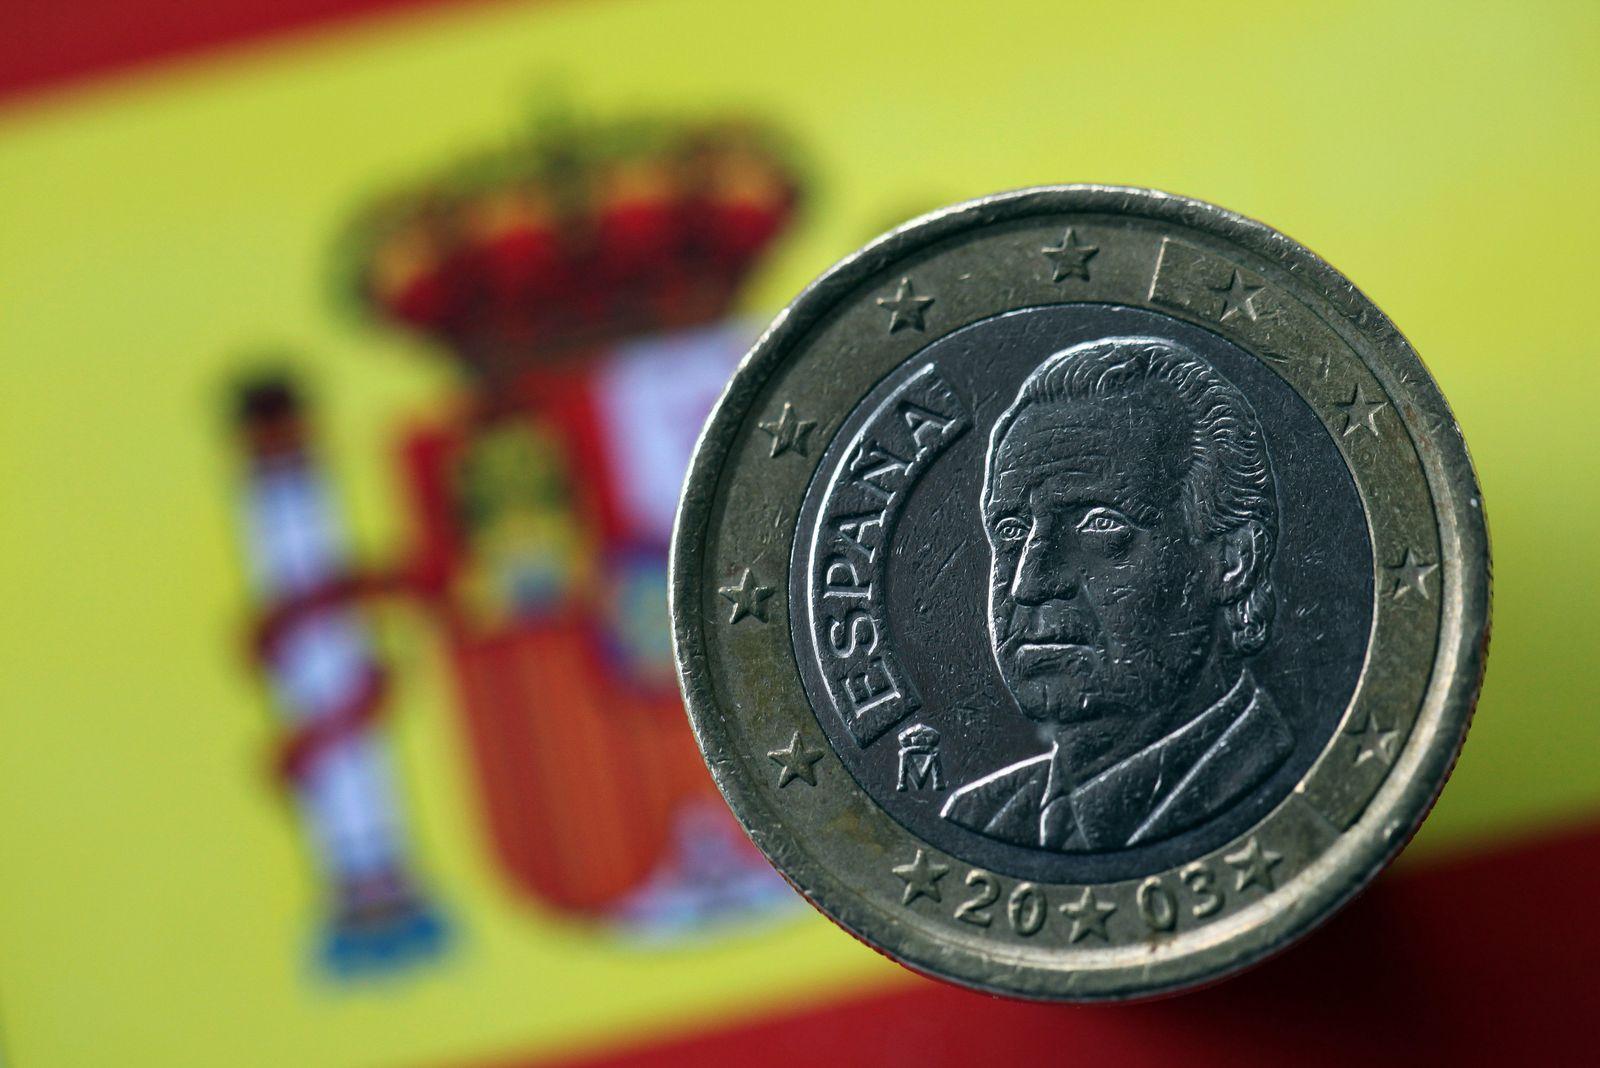 Spanien / Finanzkrise / Spanischer Euro